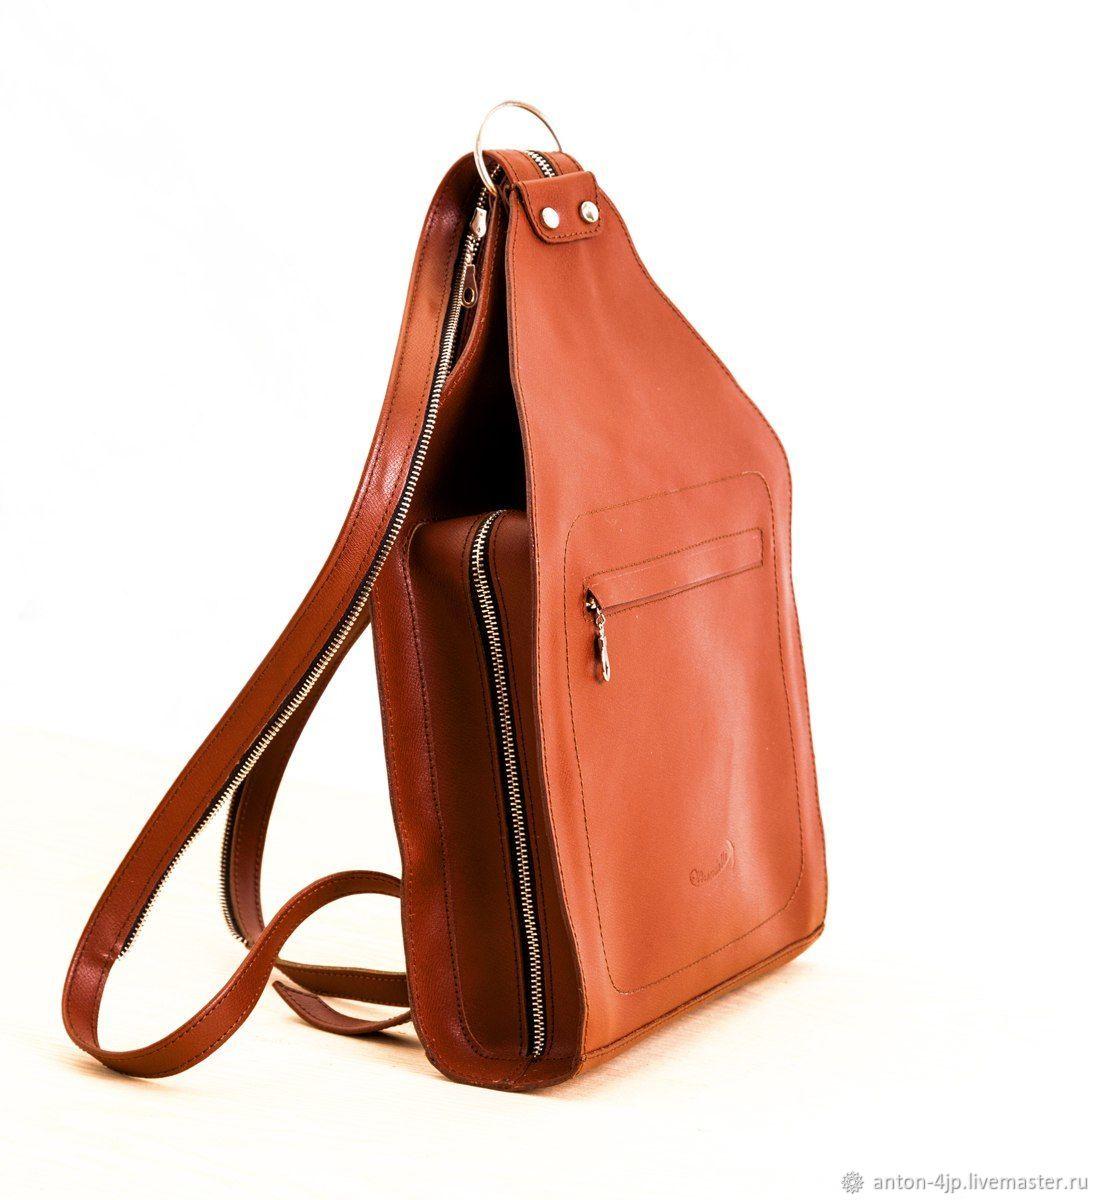 Рюкзак из натуральной кожи Ultra, Рюкзаки, Санкт-Петербург,  Фото №1